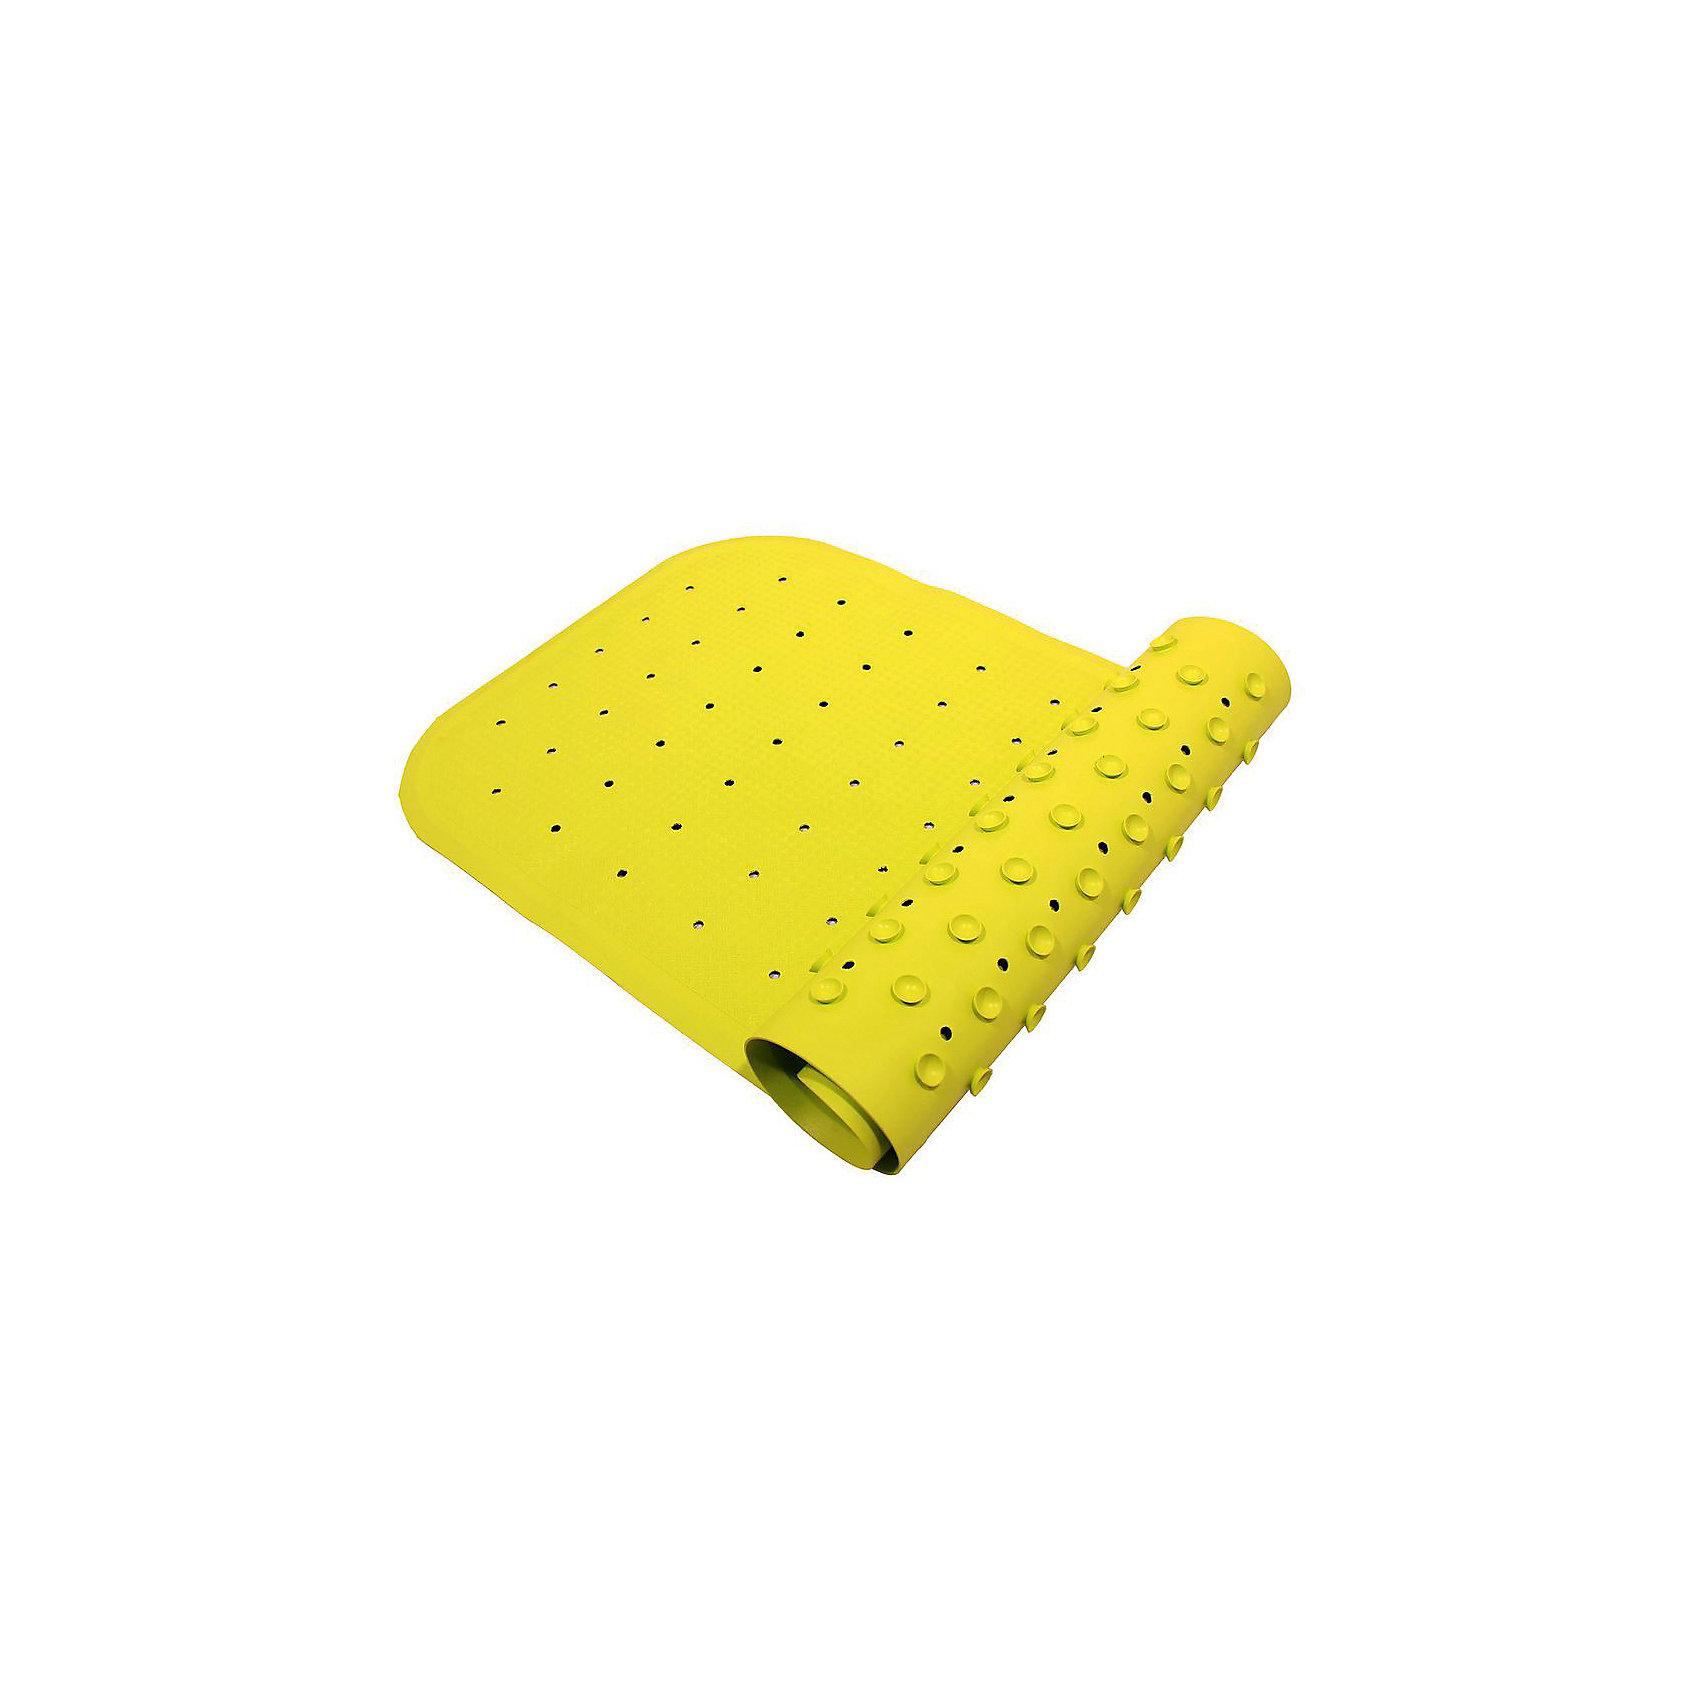 Антискользящий коврик для ванны 34,5х76 см, салатовыйПрочие аксессуары<br>Антискользящий коврик для ванны 34,5х76 см, салатовый – это эластичный, мягкий и приятный на ощупь коврик для безопасного купания малыша.<br>Противоскользящий коврик для ванны создан специально для детей и призван обеспечить комфортное и безопасное купание малышей в ванне. Он обладает целым рядом важных преимуществ. Мягкие присоски надежно прикрепляют коврик ко дну ванны и не дают ему скользить по ее поверхности, как бы активно ни двигался малыш. Специальное покрытие препятствует скольжению ног или тела ребенка по коврику. Поверхность коврика имеет рельефные элементы, обеспечивающие массажные функции, благодаря которым купание малыша в ванне станет не только простым и безопасным, но еще и полезным! Специальные отверстия позволяют воде легко стекать и обеспечивают более надежное крепление коврика к поверхности ванны. Оптимальный размер коврика 34 на 74 см делает его доступным для использования в любых ваннах, как в обычных больших, так и в детских ванночках и мини-бассейнах. Коврик выполнен в жизнерадостном салатовом цвете - он станет не только отличным помощником вам и вашему малышу, но и стильным аксессуаром! Антискользящий коврик для ванны сделан из 100%-но натуральной резины без применения токсичного сырья. Резиновый коврик на присосках полностью соответствует всем требованиям безопасности детской продукции: ГОСТ 25779-90, СанПин 2.4.7.007-93, Европейским стандартам качества EN17.<br><br>Дополнительная информация:<br><br>- Материал: резина<br>- Цвет: салатовый<br>- Размер: 34,5 х 76 см.<br><br>Антискользящий коврик для ванны 34,5х76 см, салатовый можно купить в нашем интернет-магазине.<br><br>Ширина мм: 340<br>Глубина мм: 250<br>Высота мм: 30<br>Вес г: 700<br>Возраст от месяцев: 0<br>Возраст до месяцев: 36<br>Пол: Унисекс<br>Возраст: Детский<br>SKU: 4182091